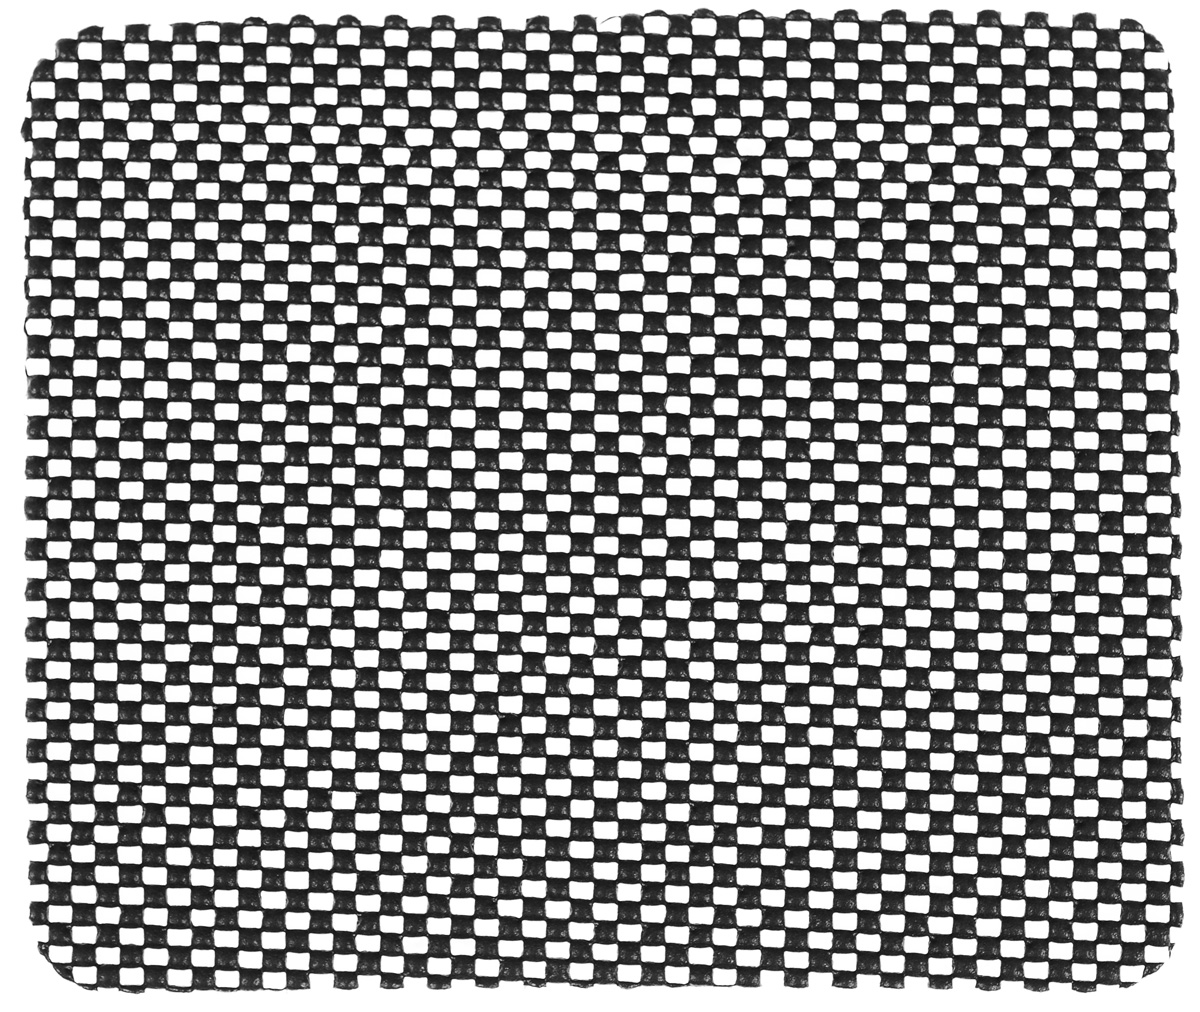 Коврик противоскользящий AVS, 19 х 22 смG141Противоскользящий коврик AVS с особой текстурой надежно удержит ваш мобильный телефон, MP3, GPS, планшет, очки и другие небольшие предметы на приборной панели. Благодаря специальной структуре поверхности, препятствует соскальзыванию предметов при движении автомобиля или при расположении предметов на наклонной поверхности. Коврик изготовлен из абсолютно безвредного полиуретана. Стильный и удобный, прост в установке и использовании. Размещается без использования каких-либо клеящих средств. Устойчив к температурному воздействию и ультрафиолетовому излучению. Не липкий, не собирает пыль и грязь.